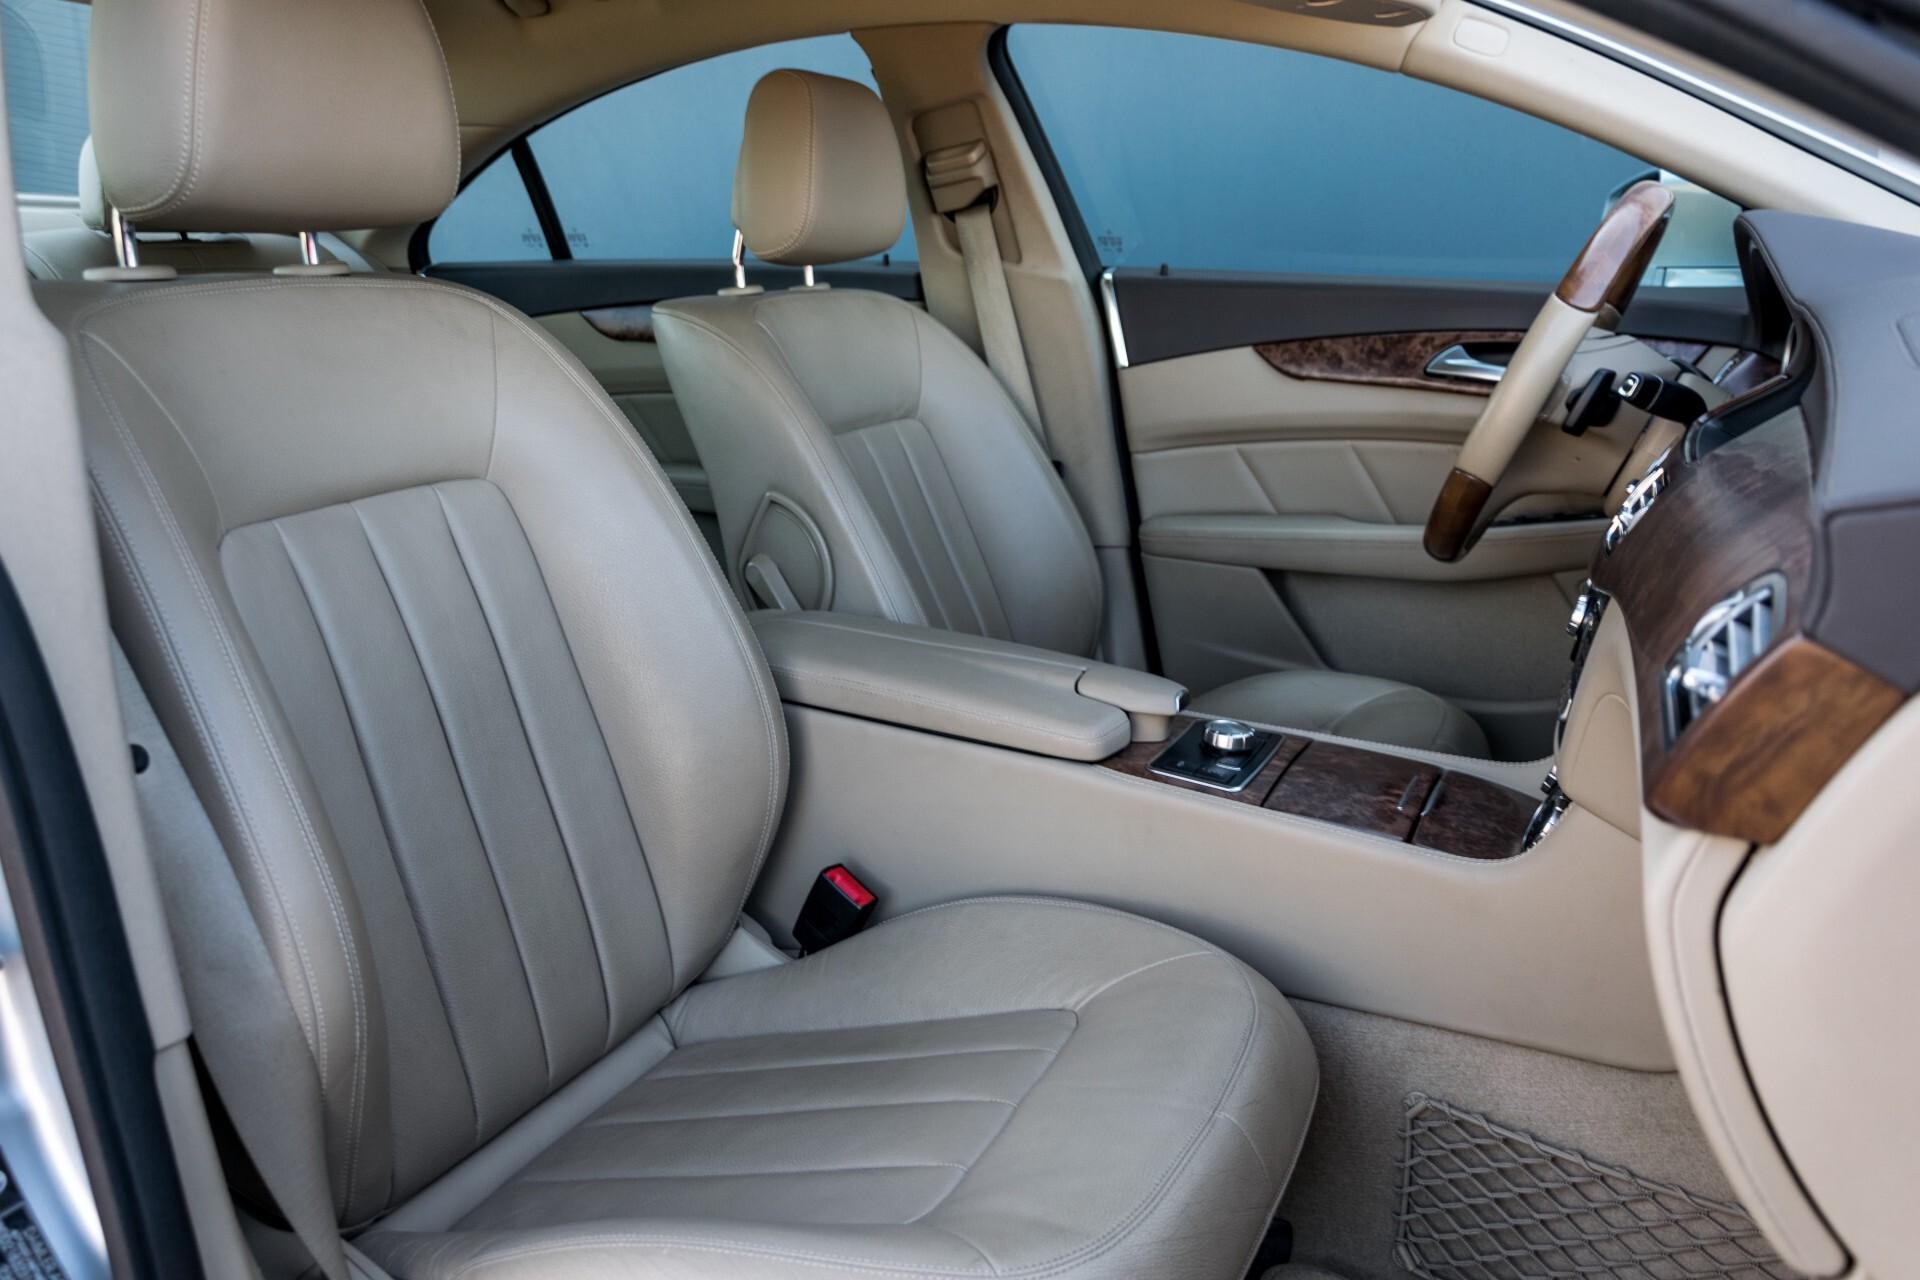 Mercedes-Benz CLS-Klasse 350 Cdi Luchtvering/Distronic/Nachtzicht/AMG/Comand/ILS Aut7 Foto 4